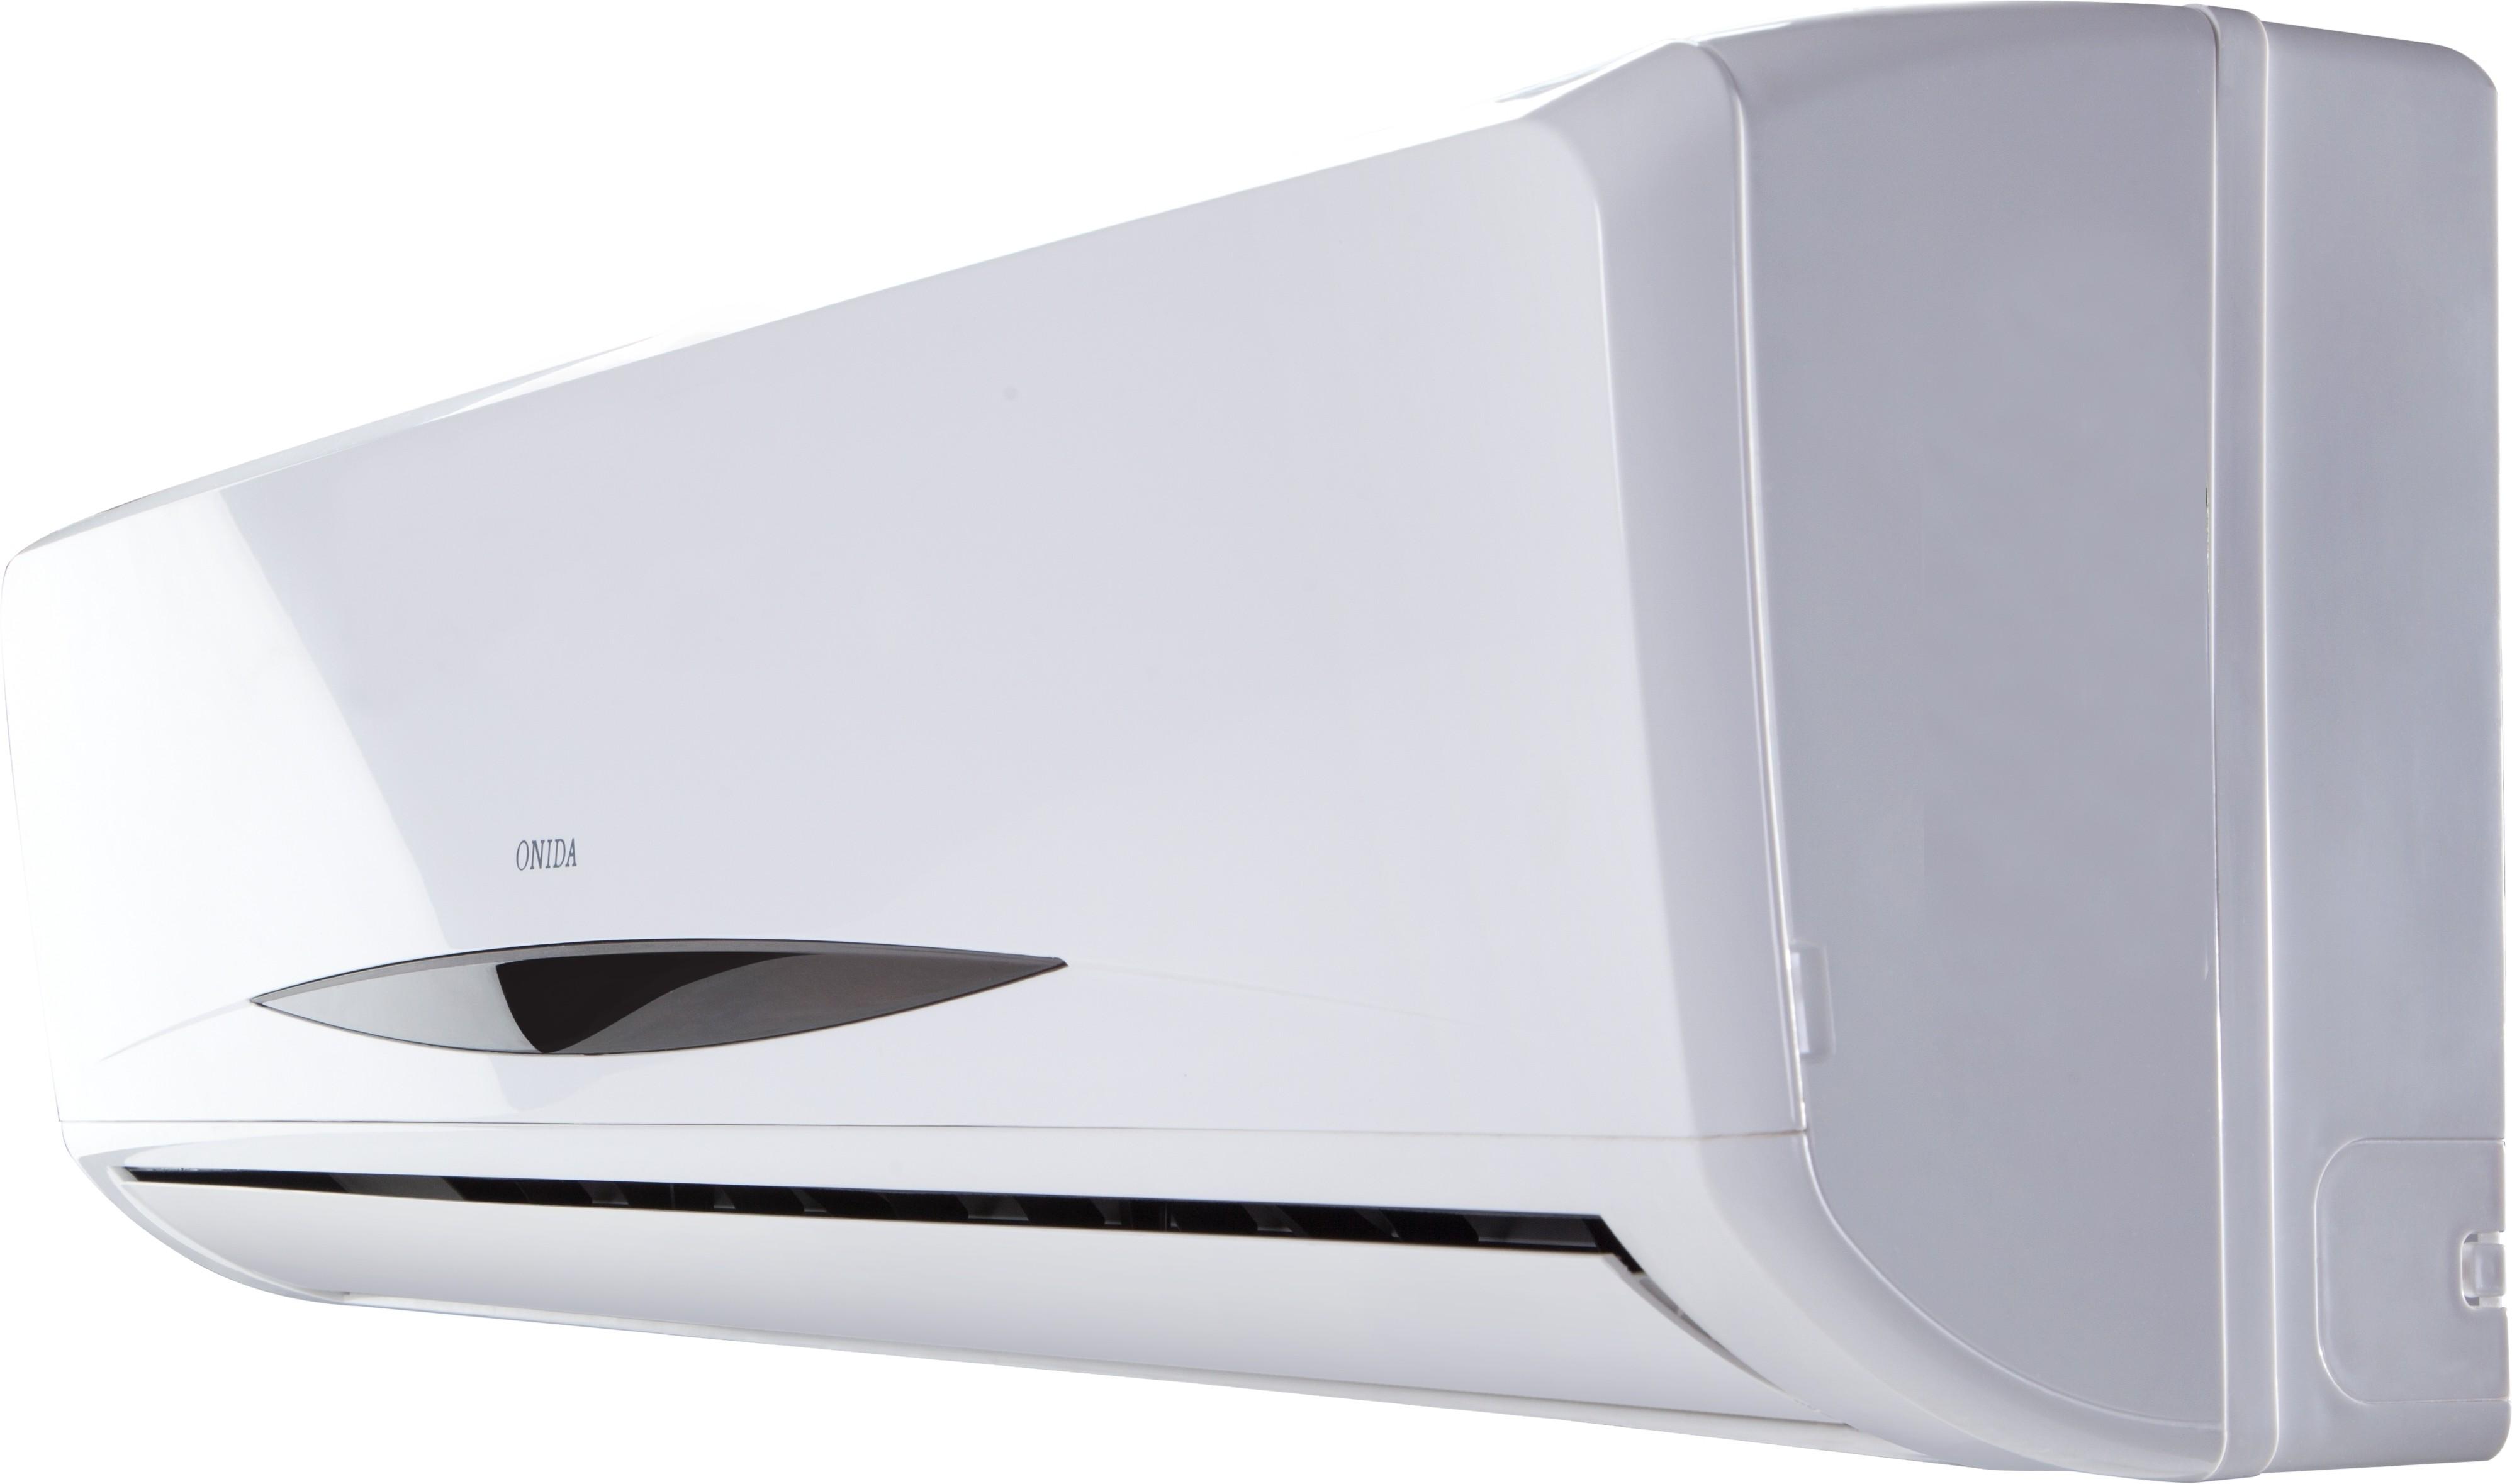 Split AC Price in India Buy Onida S092FLT N 0.8 Ton 2 Star Split AC #5B5E70